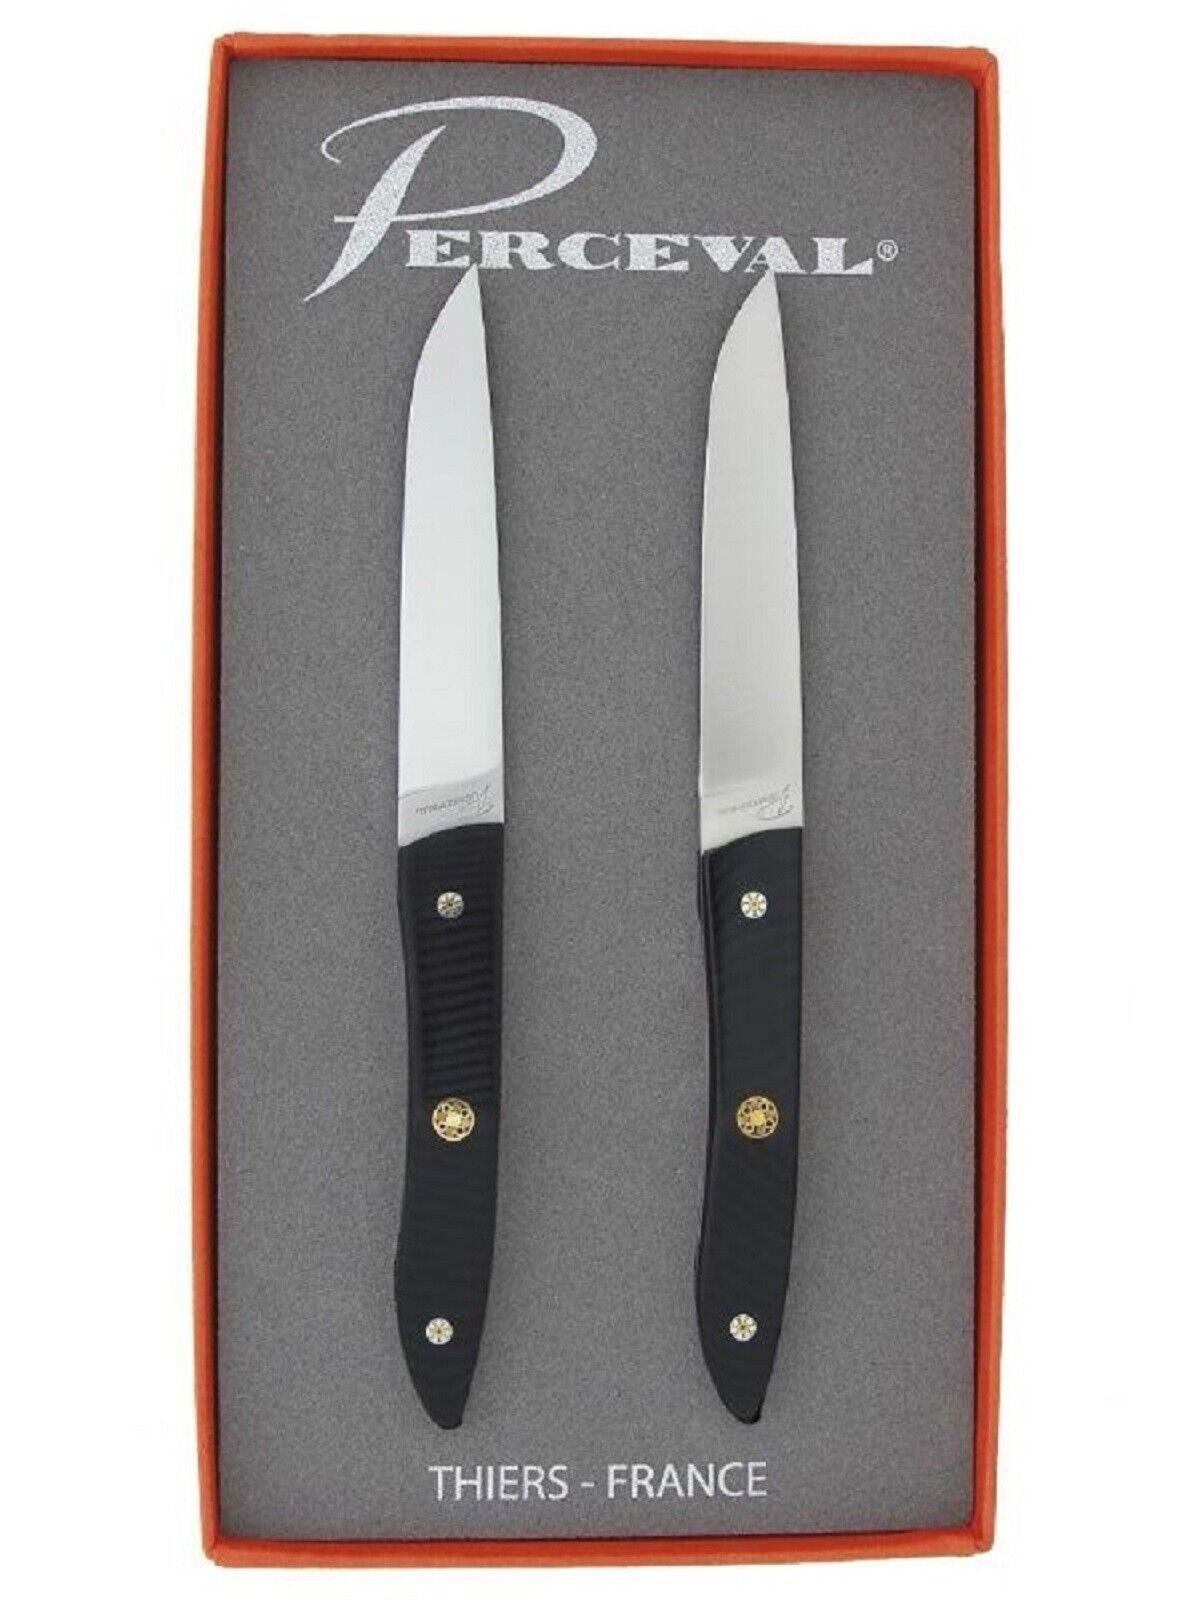 Coffret cadeau 2 couteaux de table ATELIER PERCEVAL gamme ADRET manche G10 noir